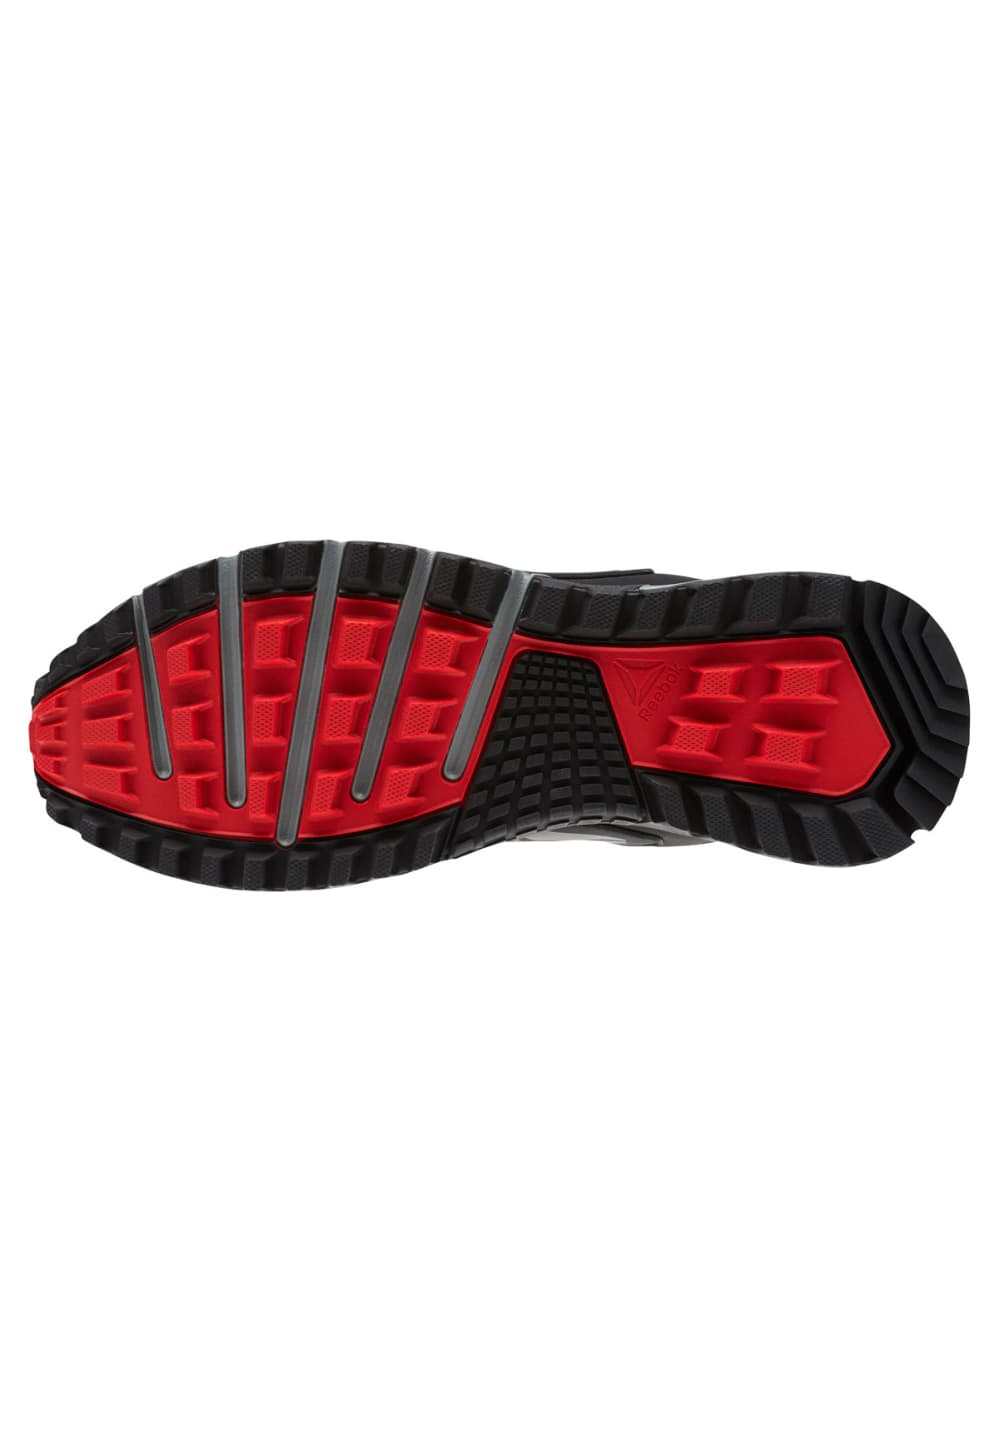 Reebok Sawcut 5.0 GTX Chaussures marche à pied pour Homme Noir